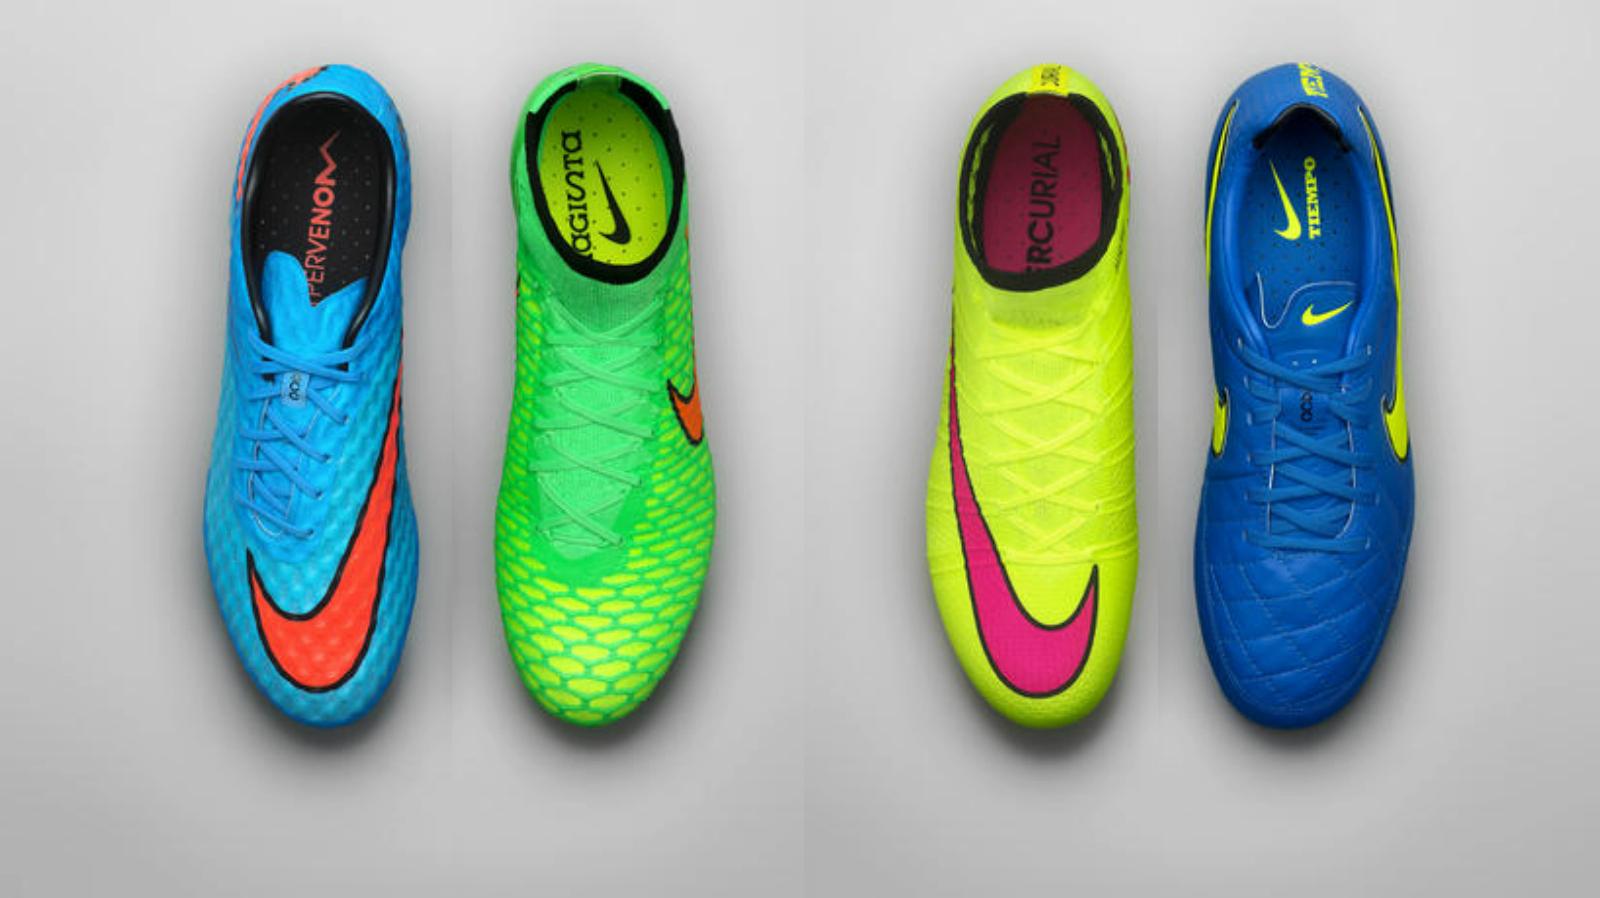 immagini scarpe da calcio nike 2015